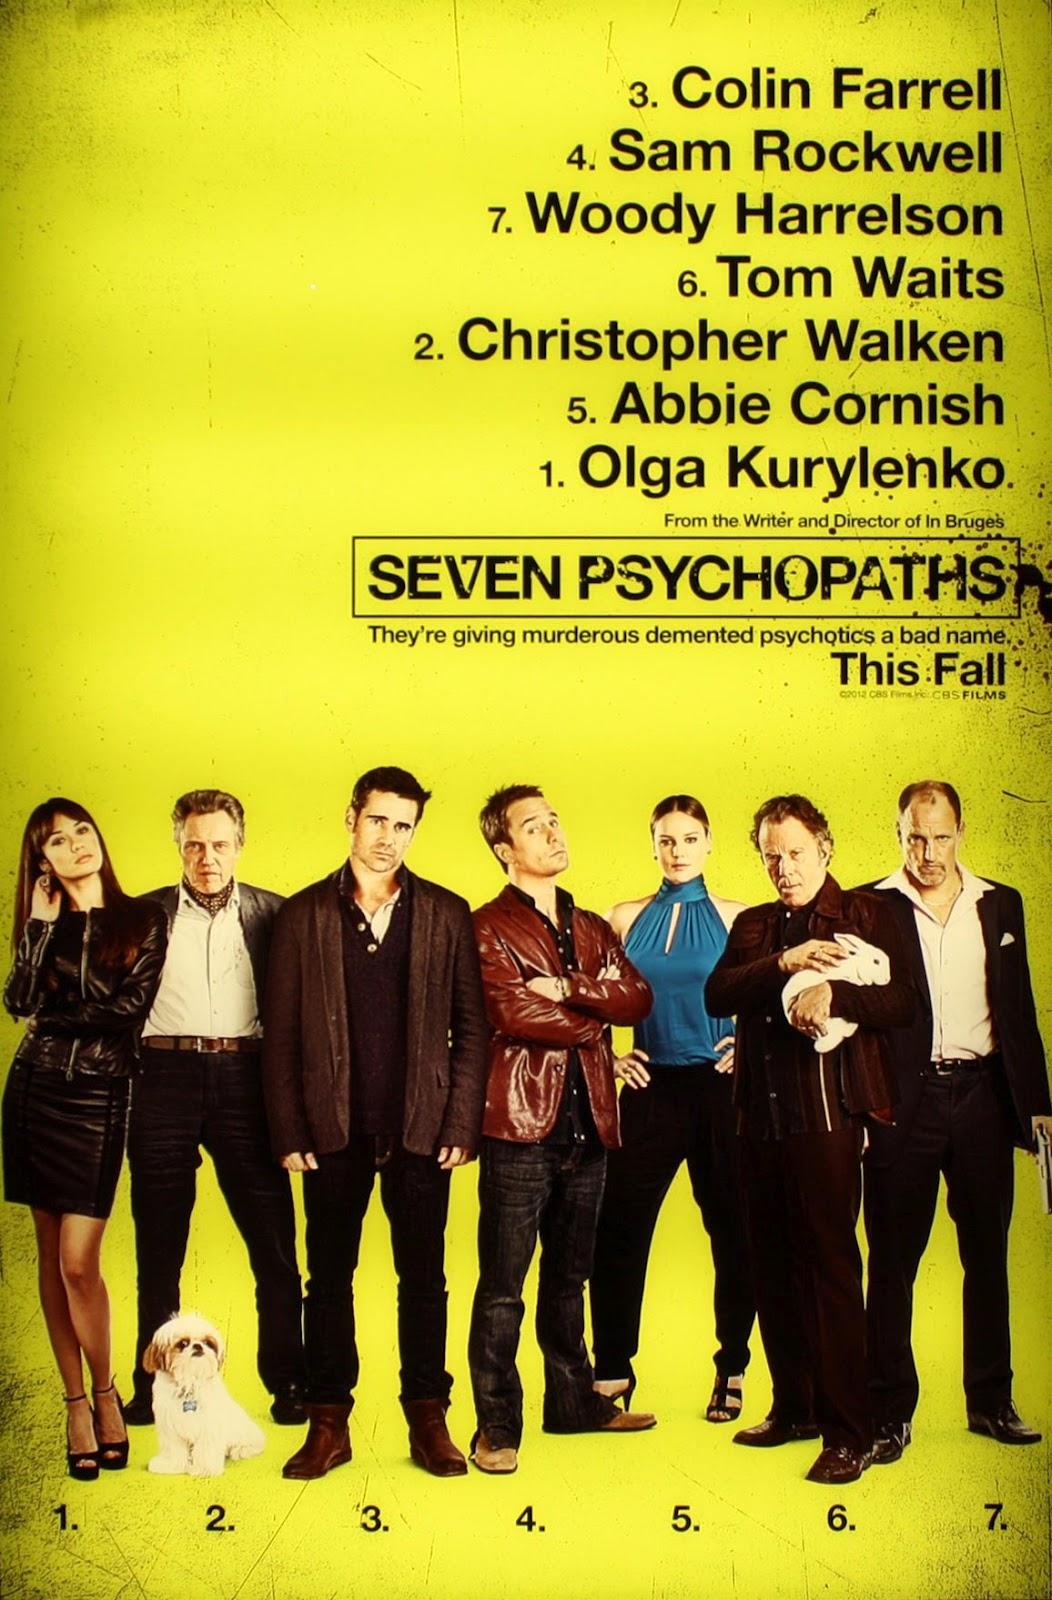 http://2.bp.blogspot.com/-u34mzXBrT_8/UCvscZ-P4gI/AAAAAAAAEqk/7WSLL2f_uzg/s1600/Seven-Psychopaths-poster-2012.jpg